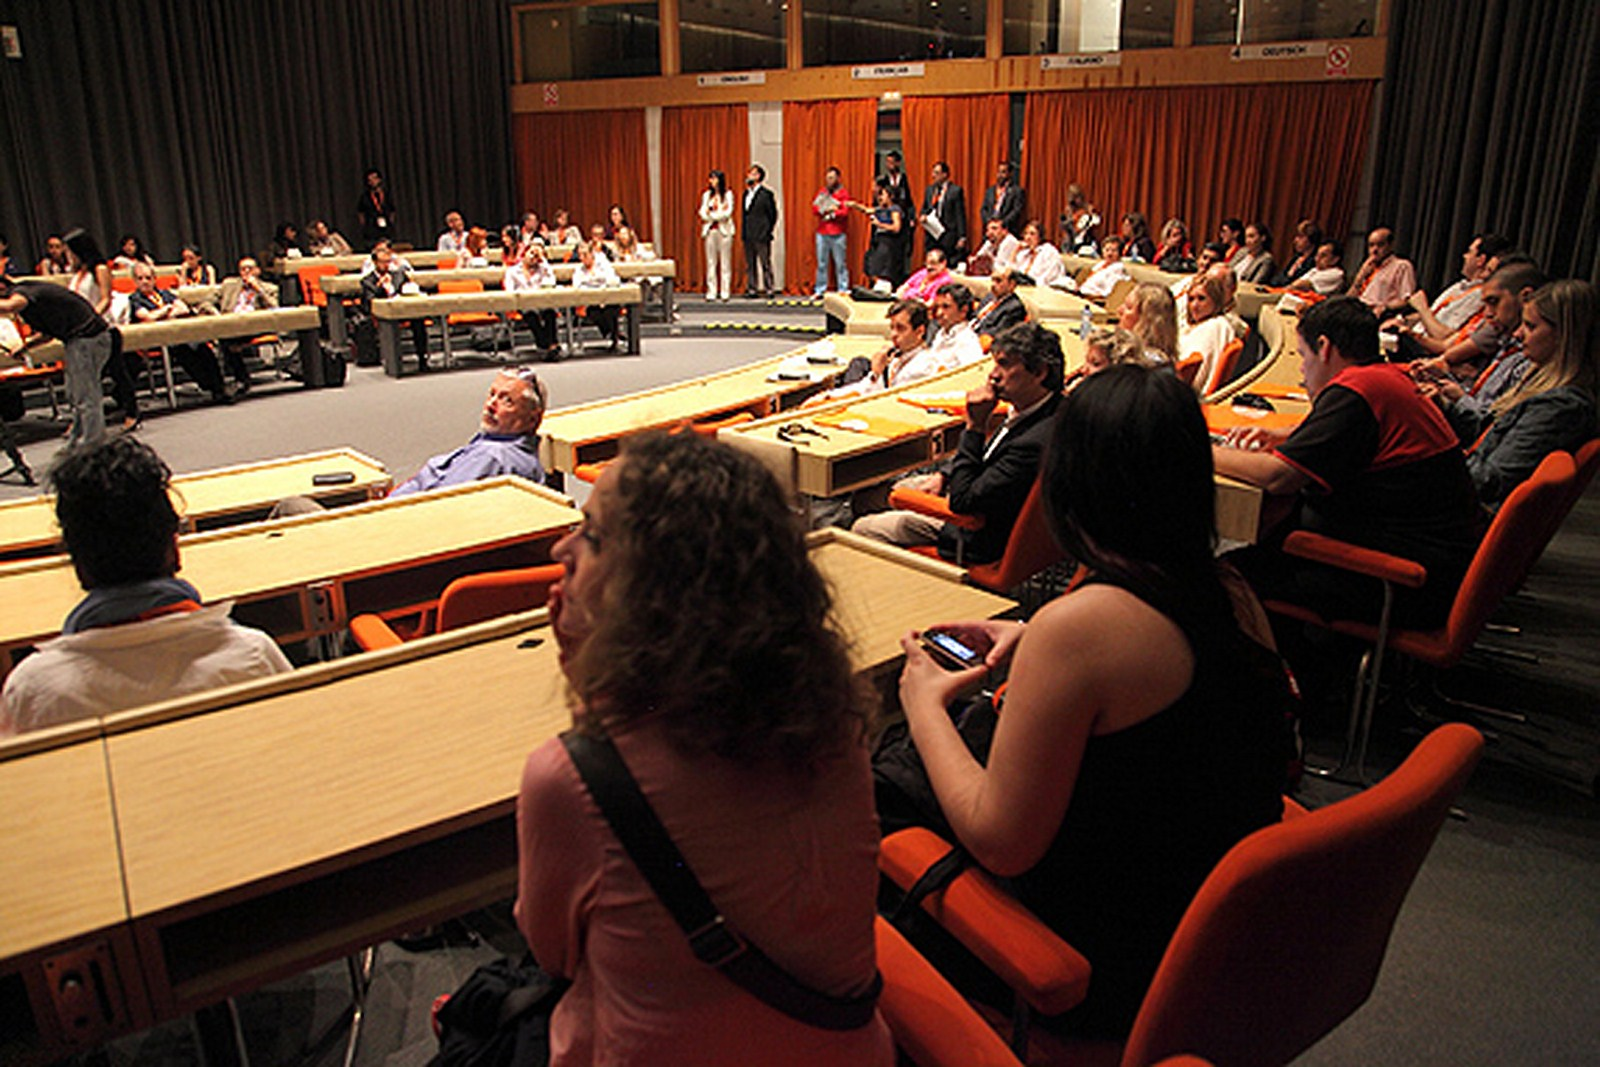 El Comité Director de FIJET se reunirá en Torremolinos